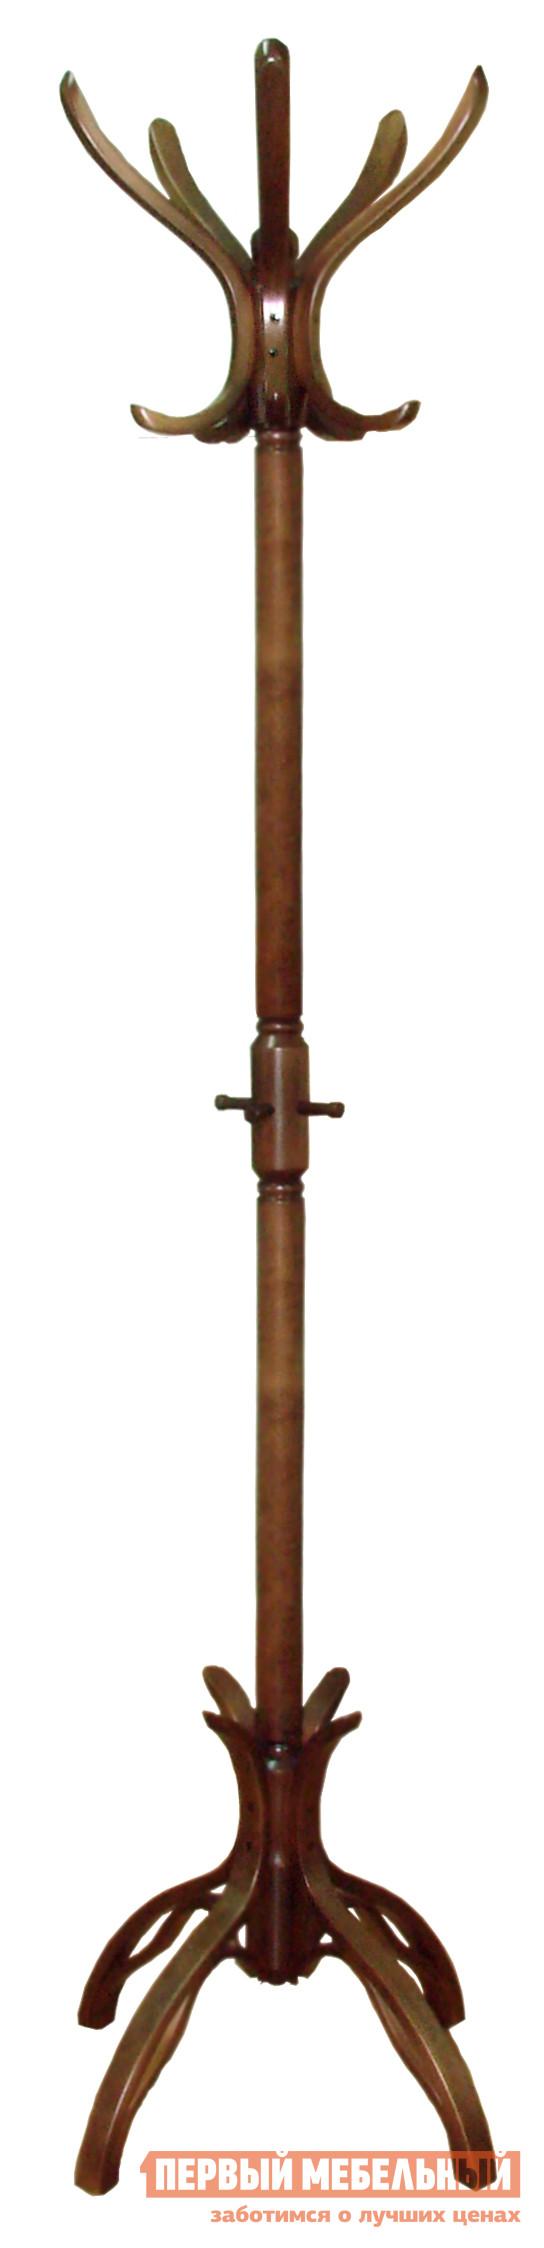 Напольная вешалка Мебелик В 12Н Средне-коричневый